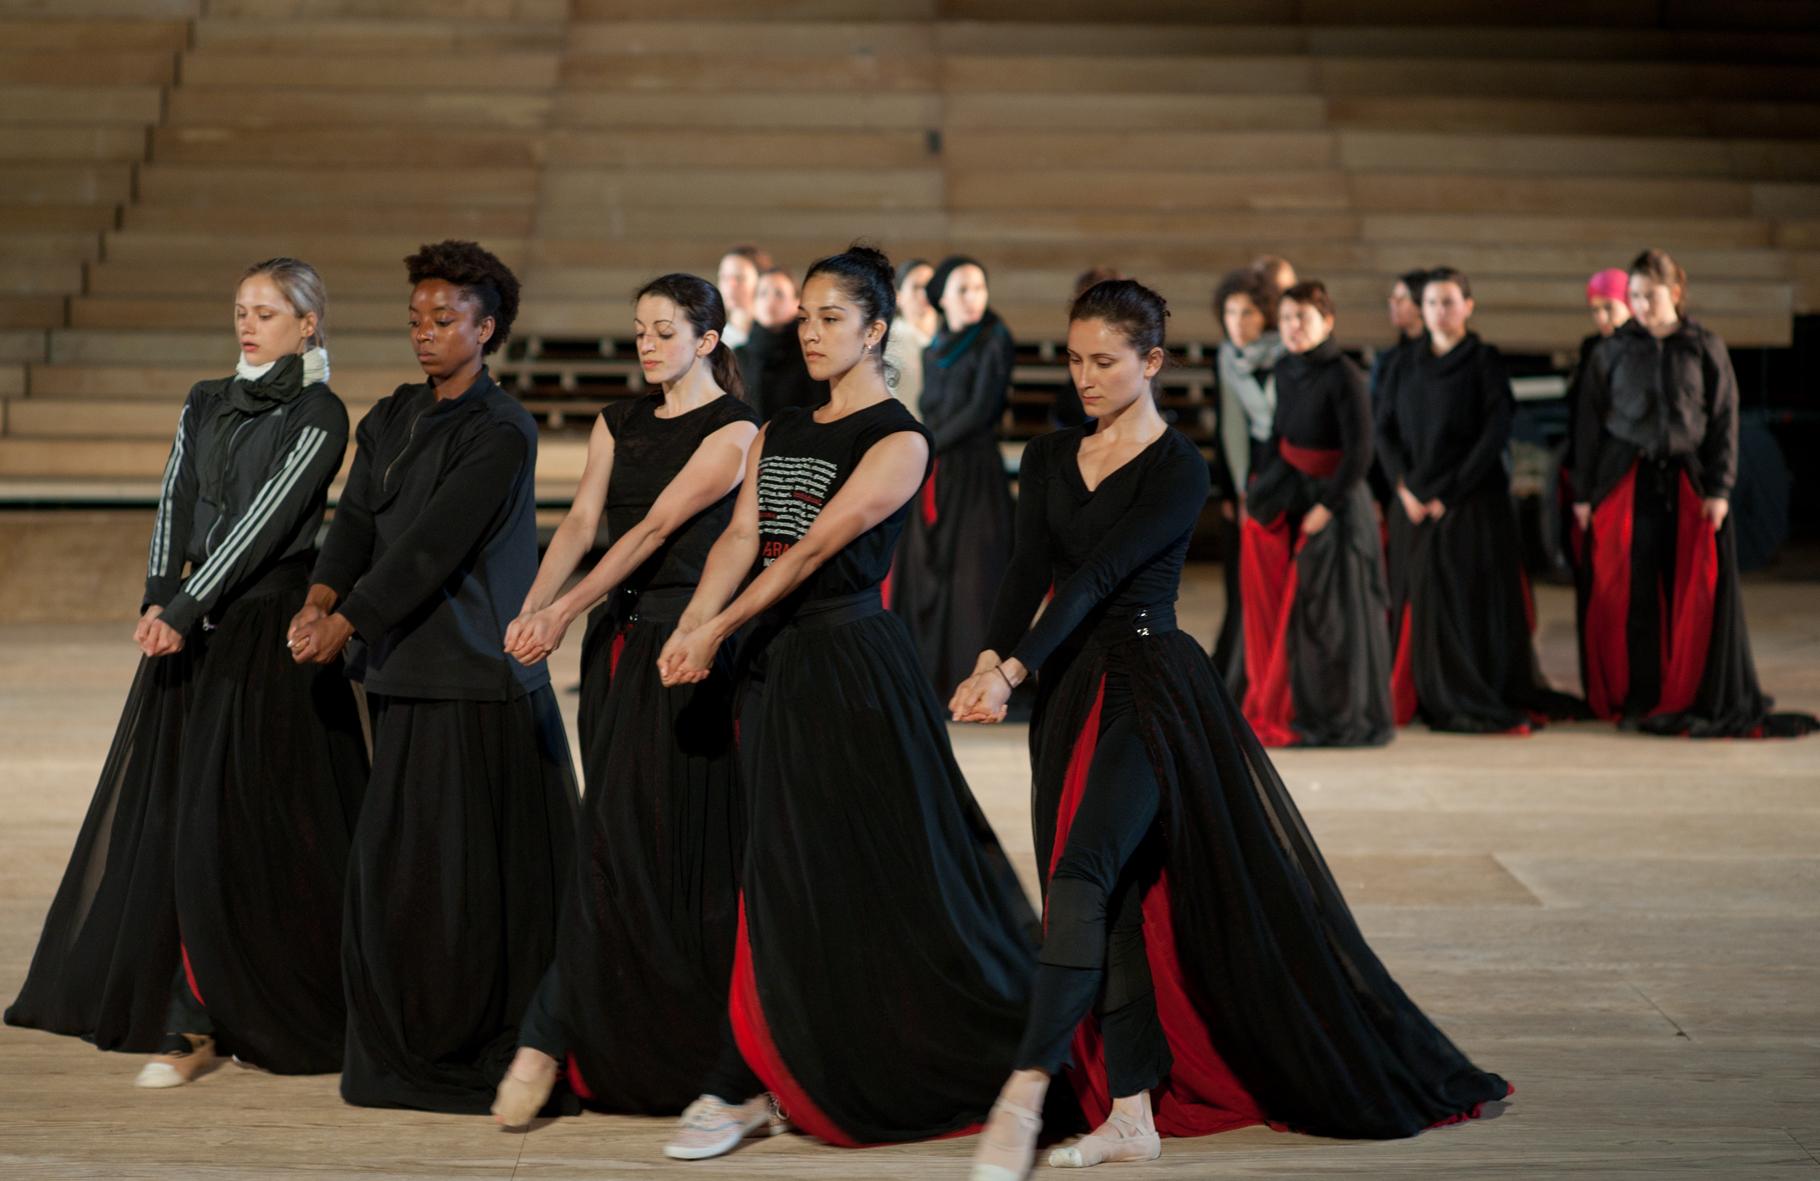 Spettacoli classici a Siracusa 2018: a Roma l'annuncio dei tre registi